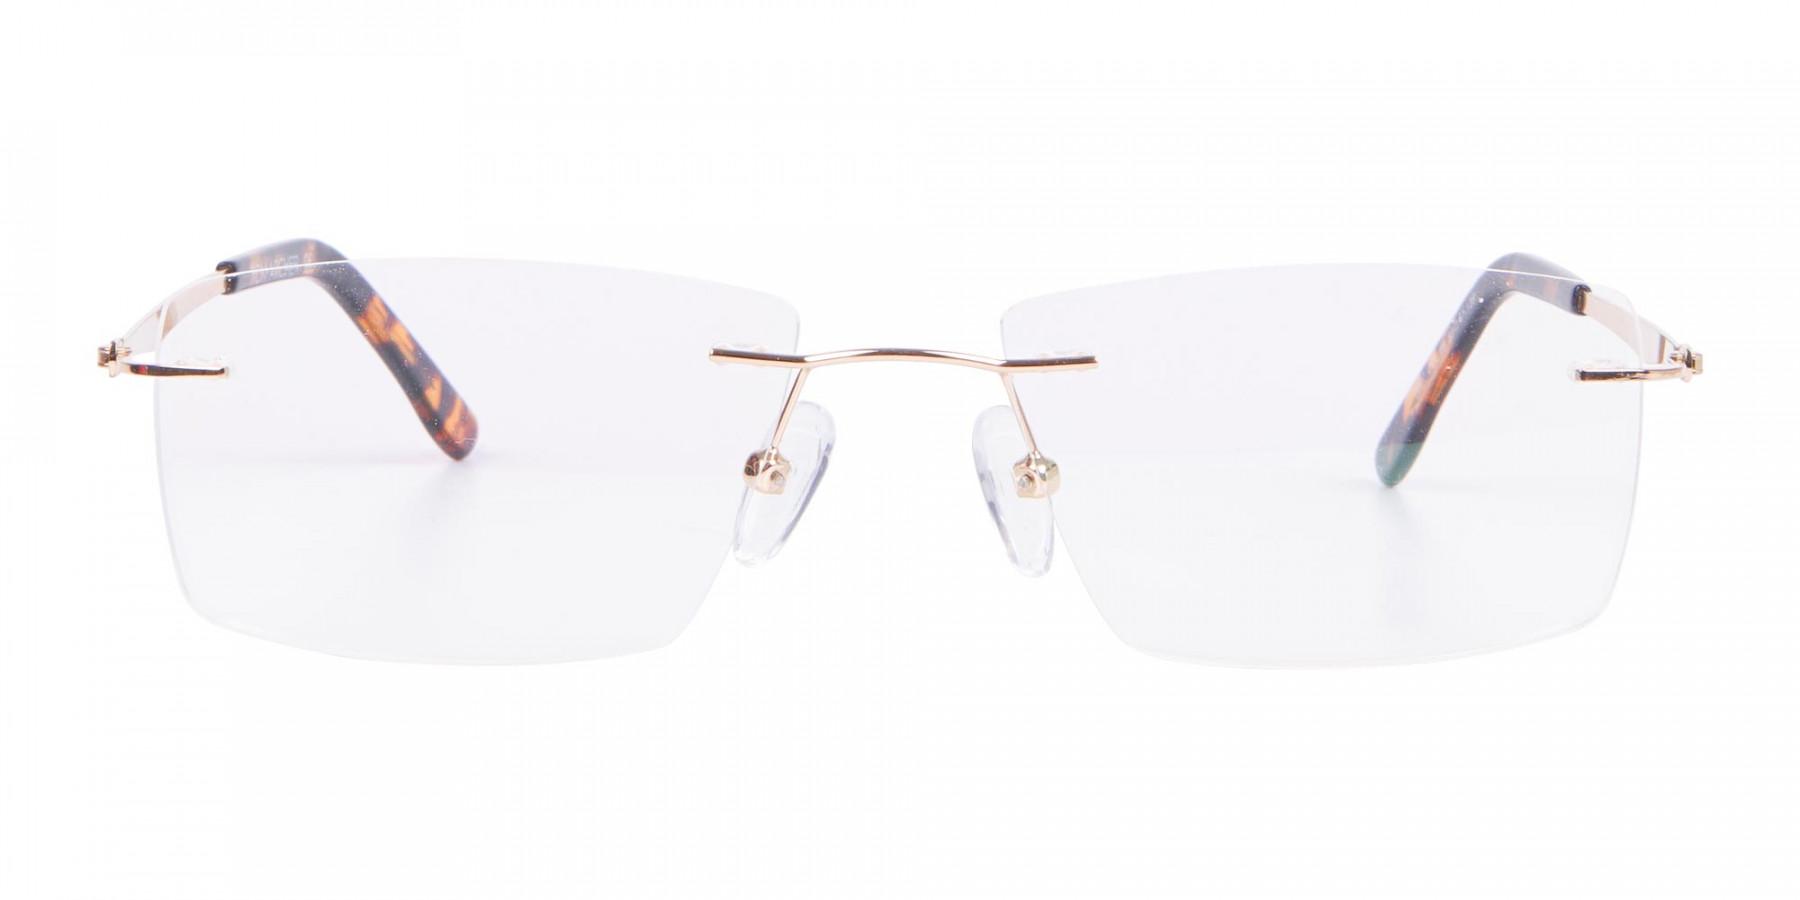 Gold Rimless Glasses Men & Women-1